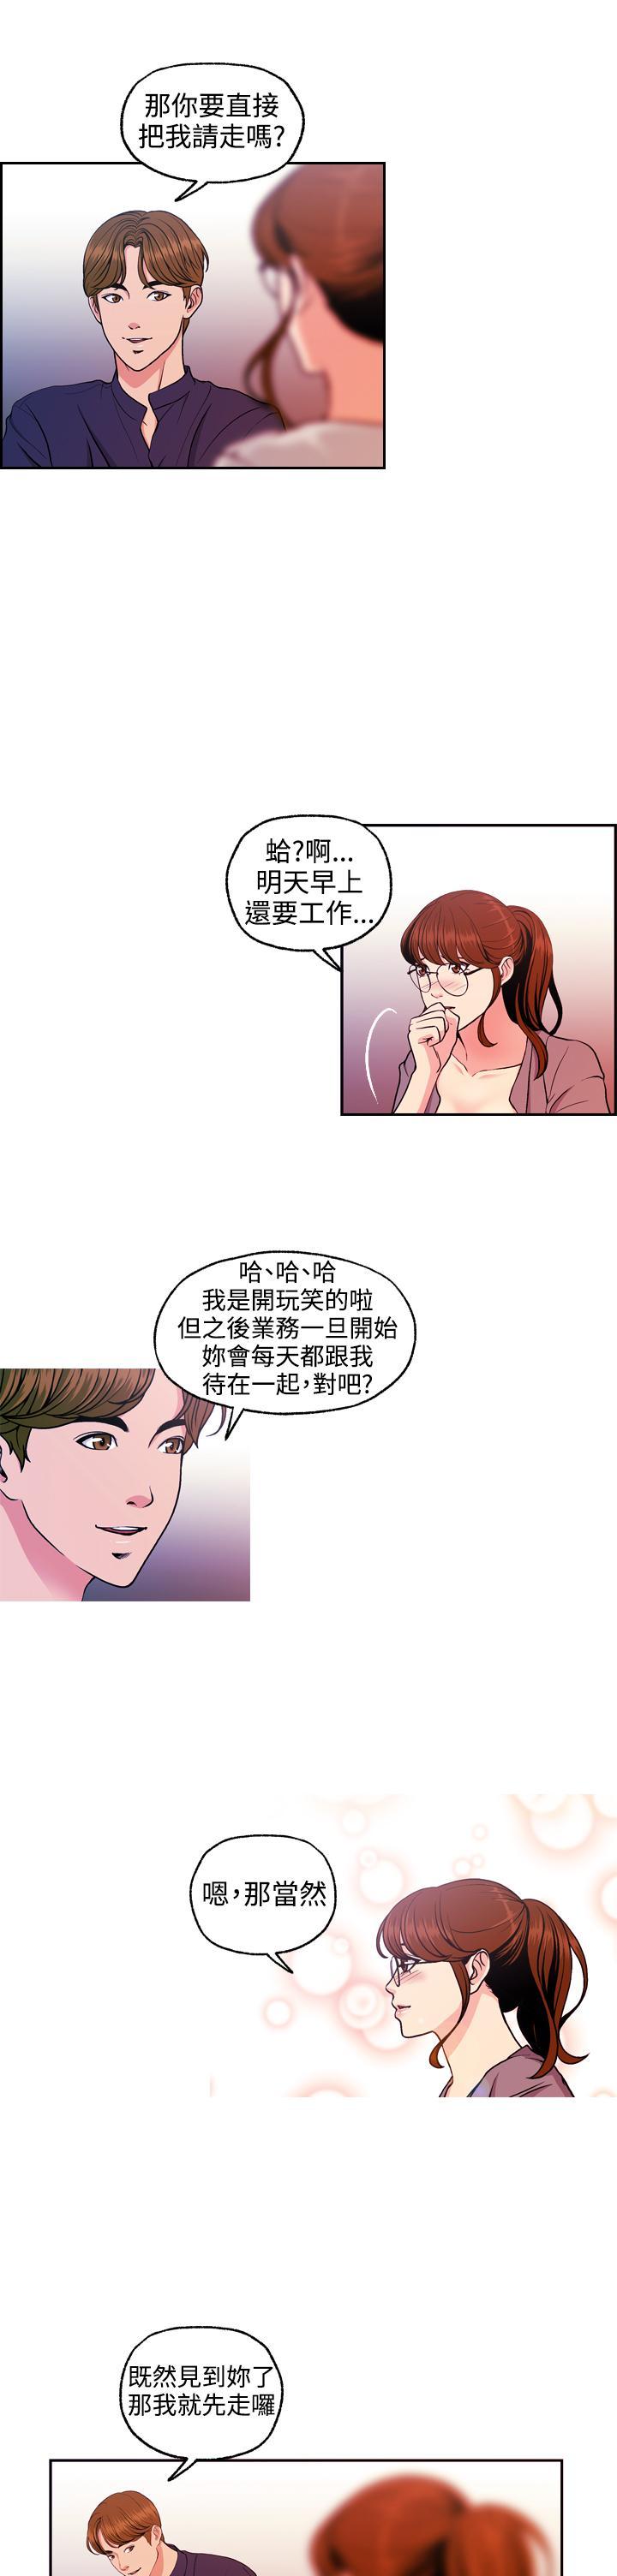 [洪班長] 淫stagram Ch.6~7 [Chinese]中文 39